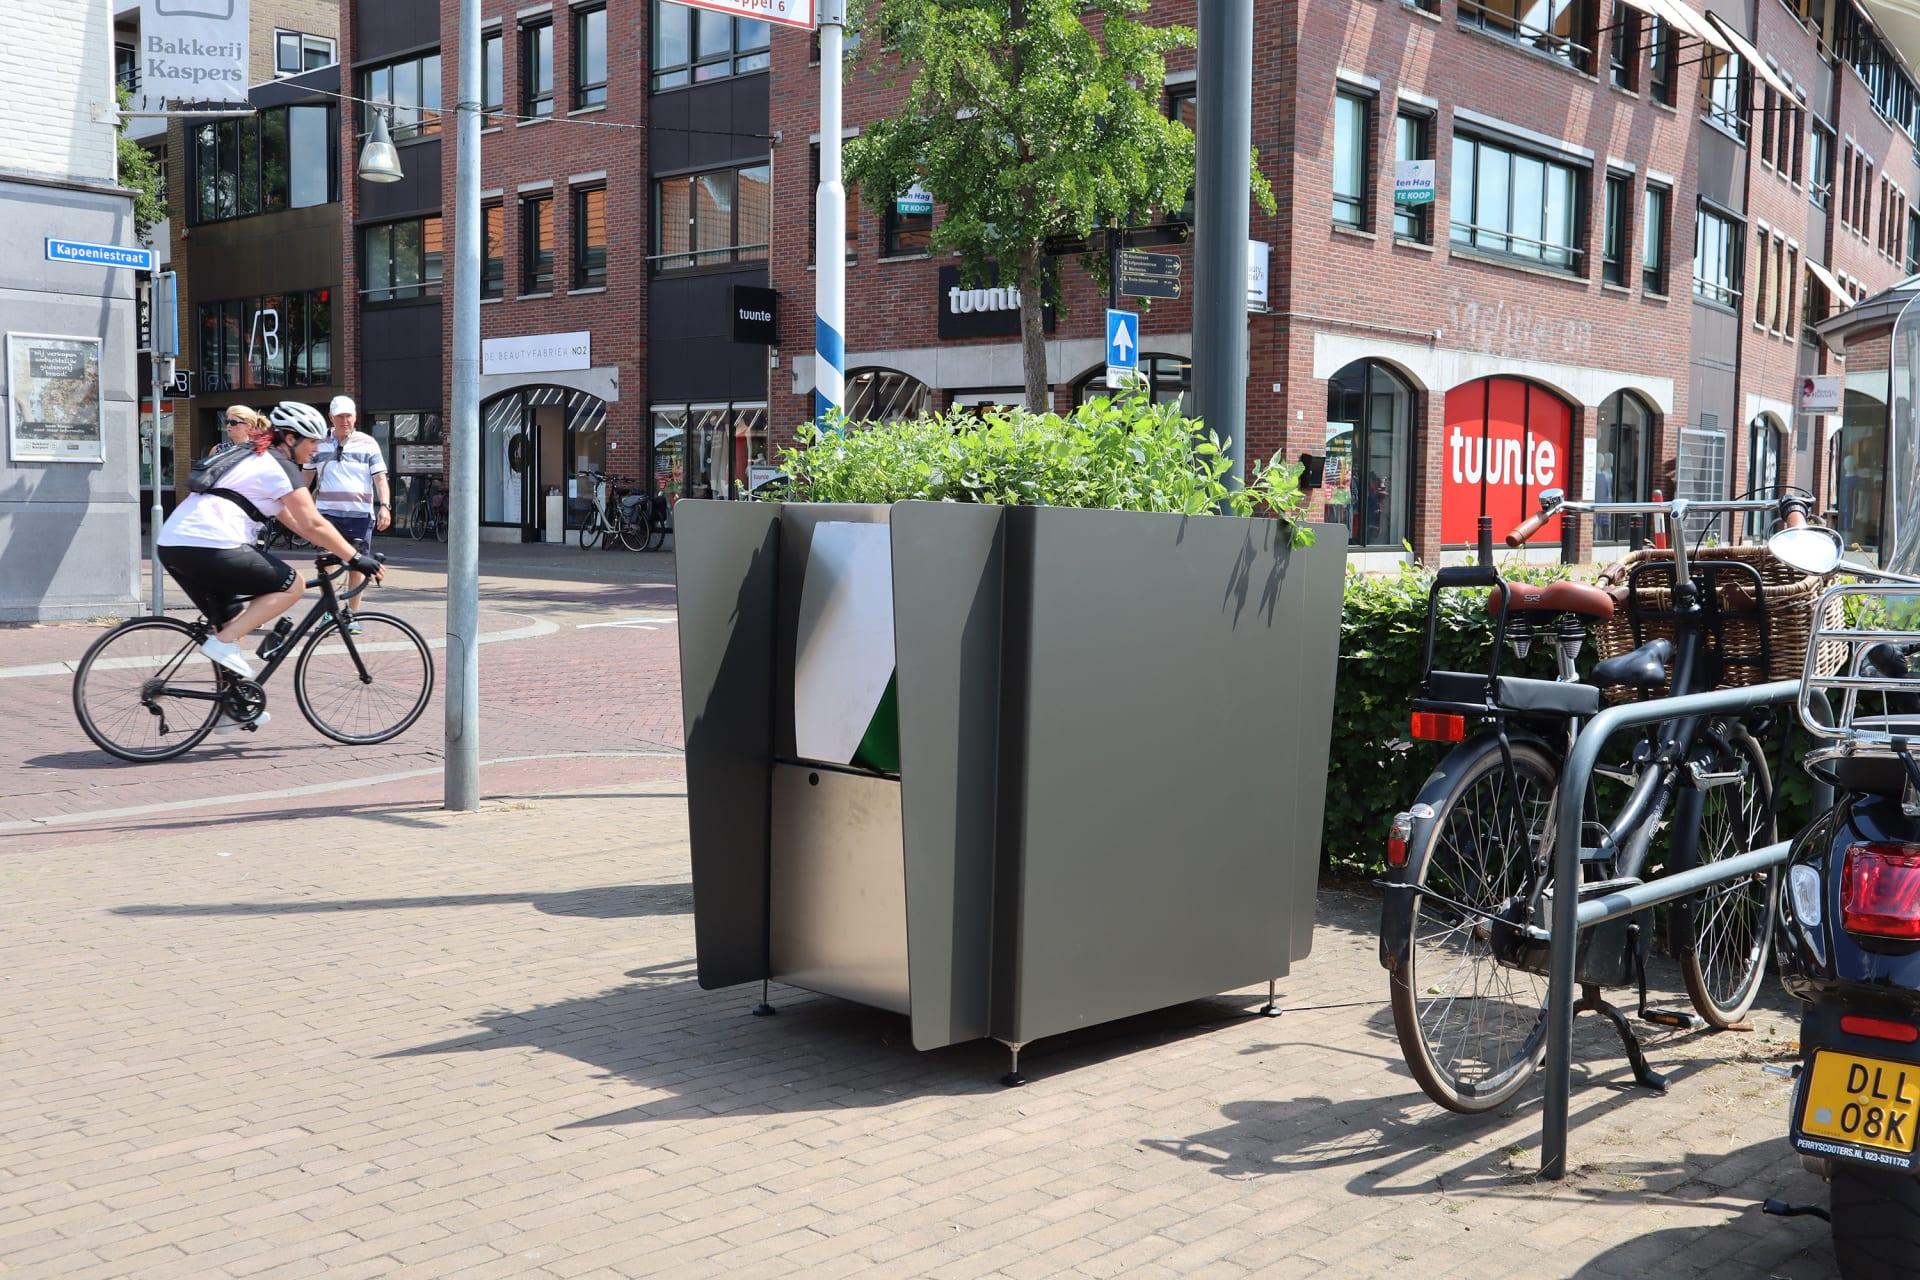 مبولات على شكل أوعية النباتات.. هذا هو حل أمستردام لمشكلة أزلية هي التبول في الأماكن العامة